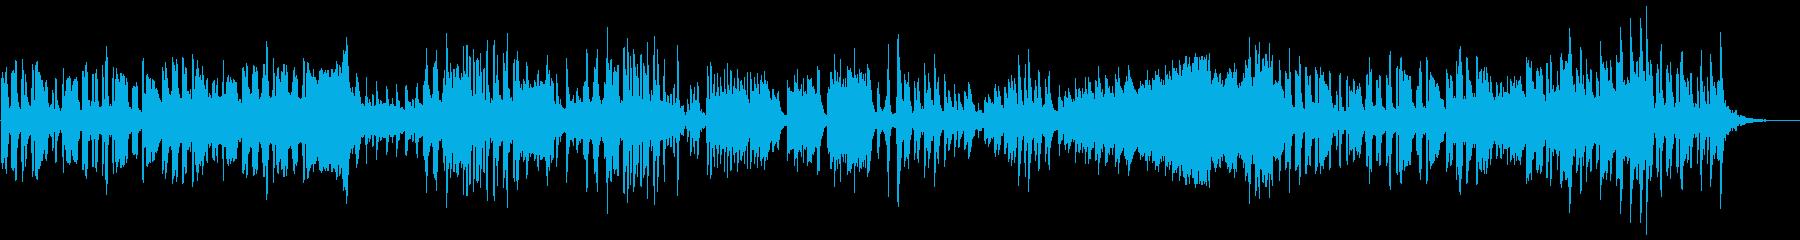 かわいい映像・リコーダー(1コーラス)の再生済みの波形